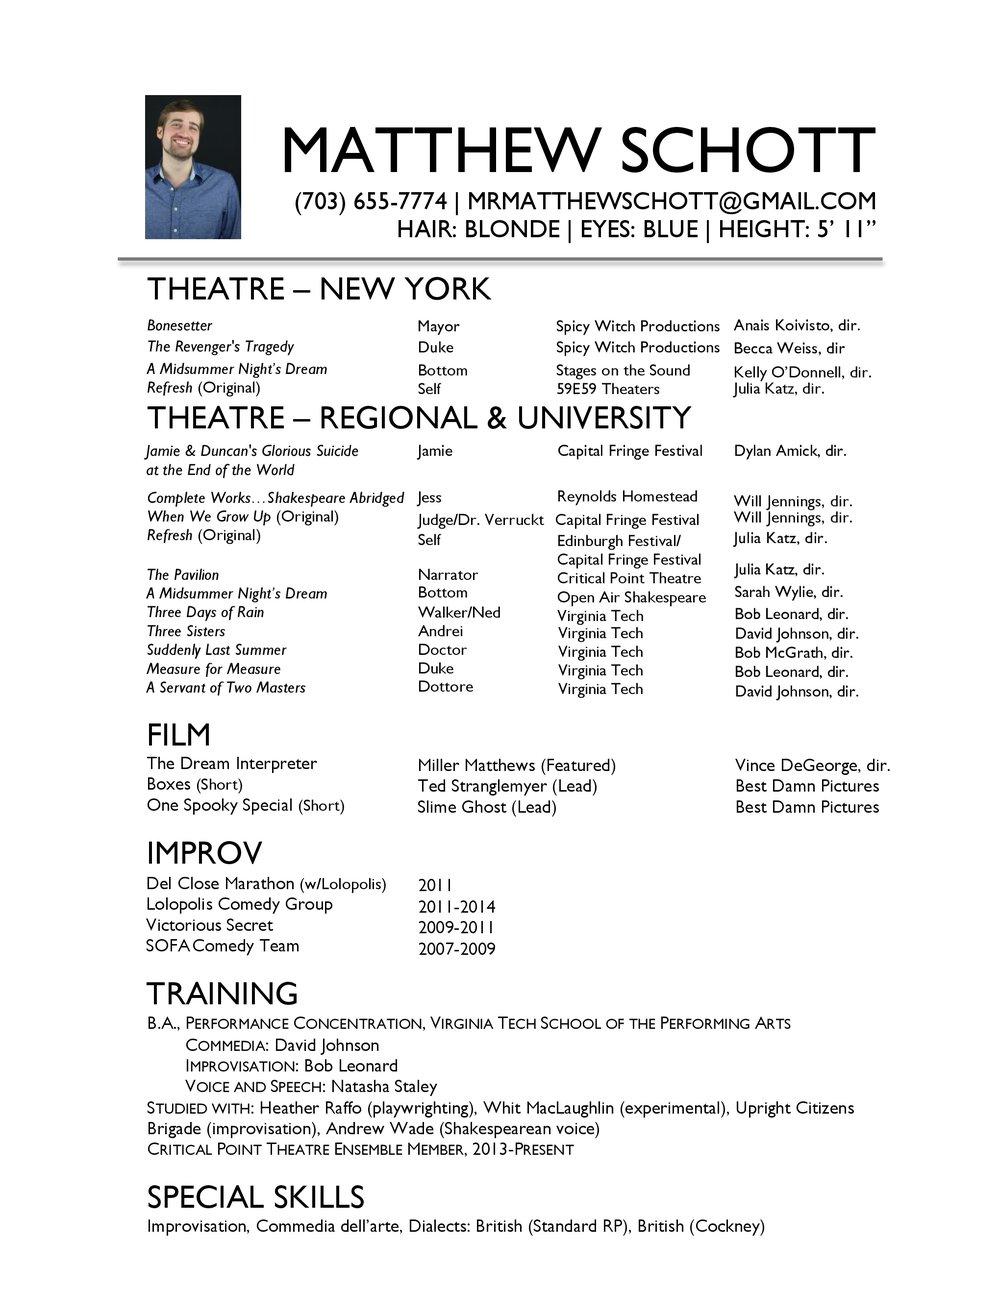 Matthew Schott Resume.jpg